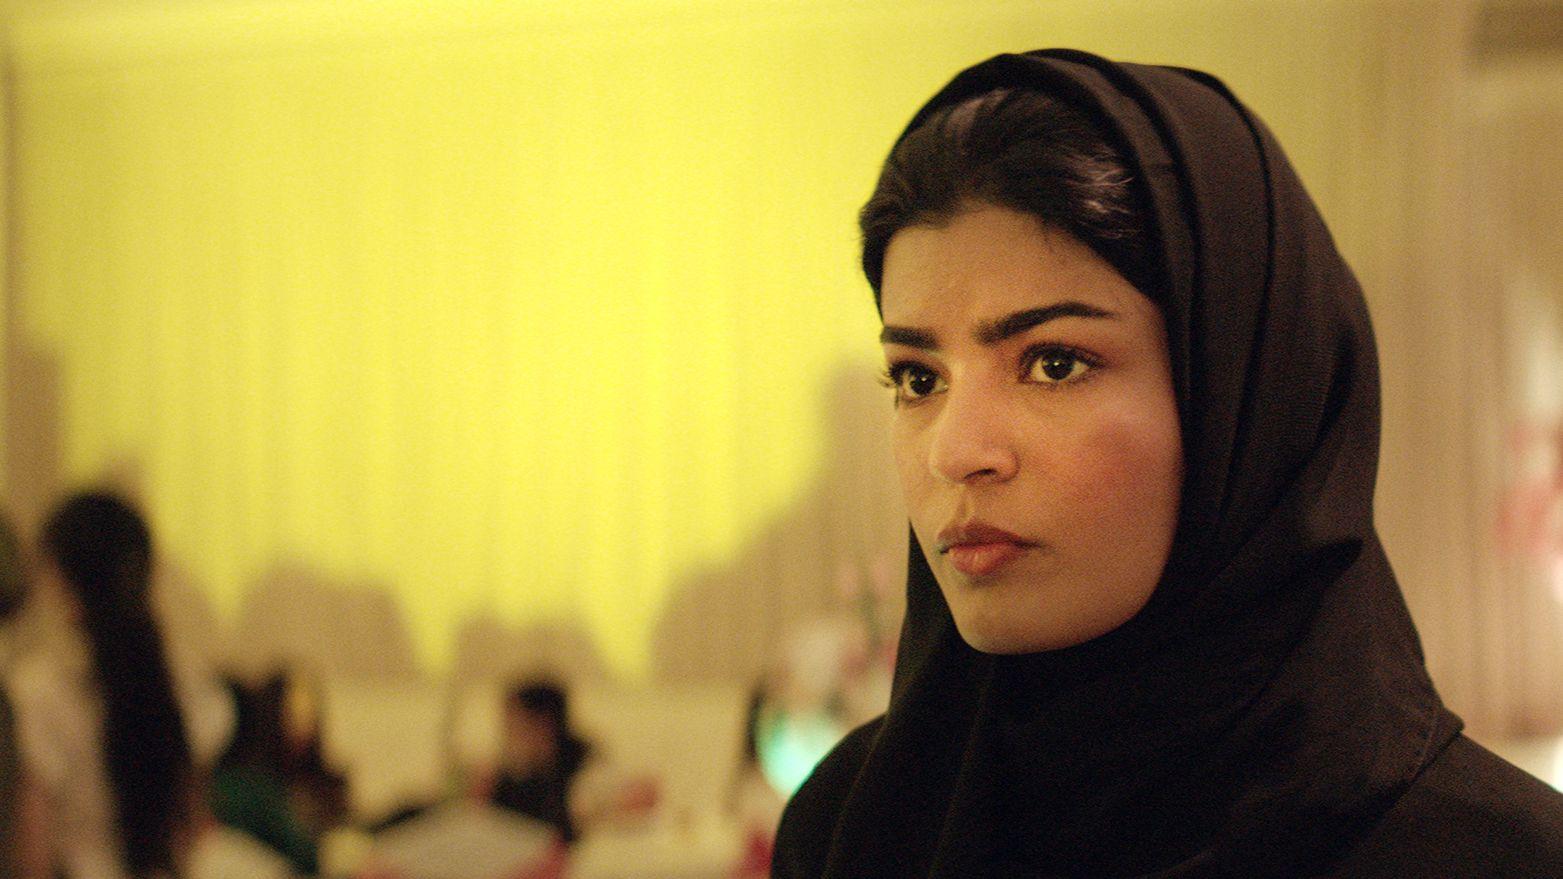 Die Heldin des Films von Haifaa Al Mansour